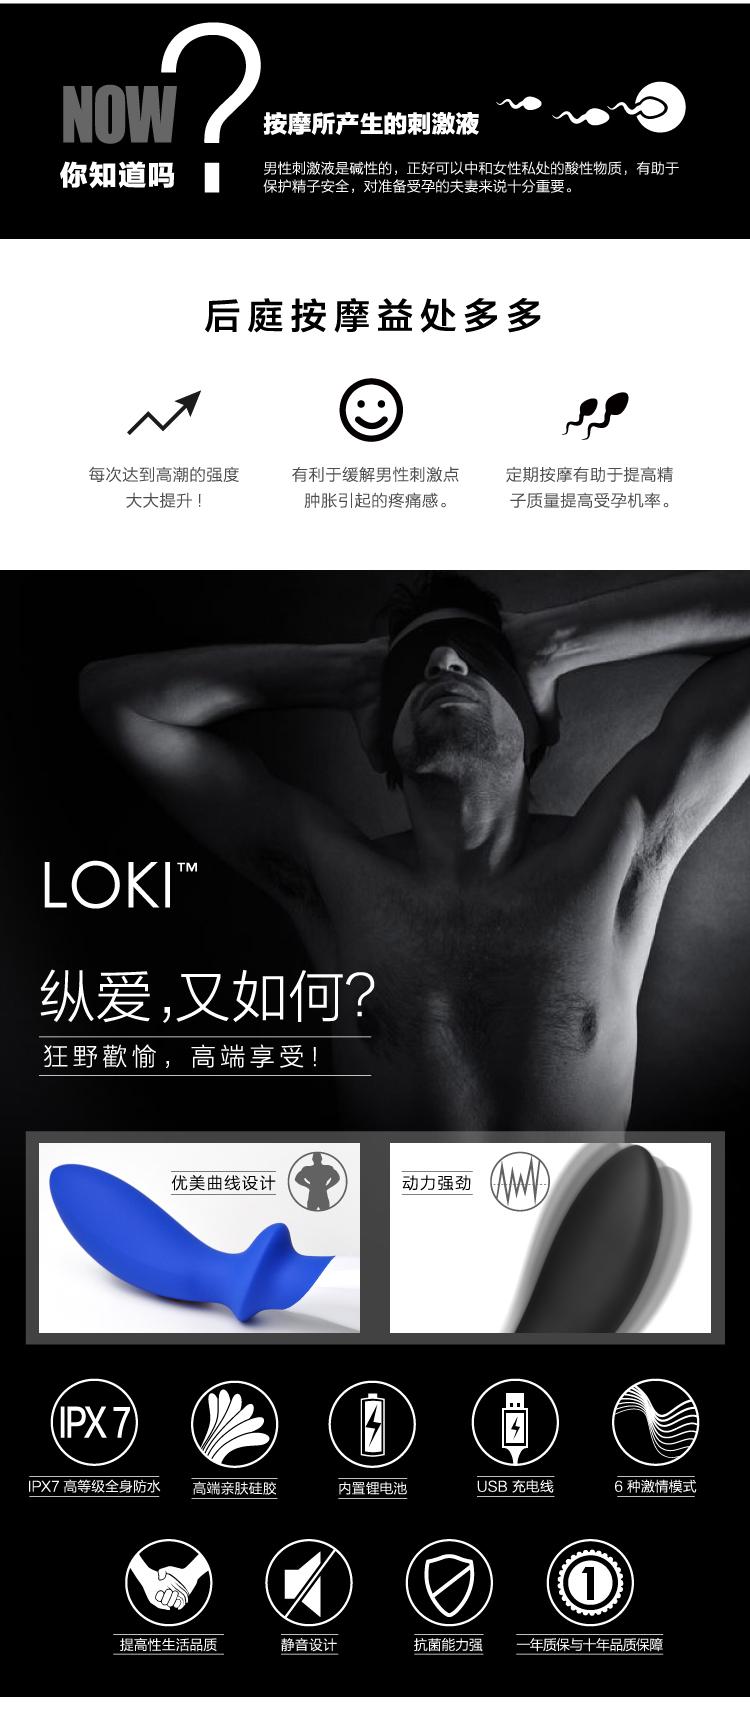 洛基Loki_02